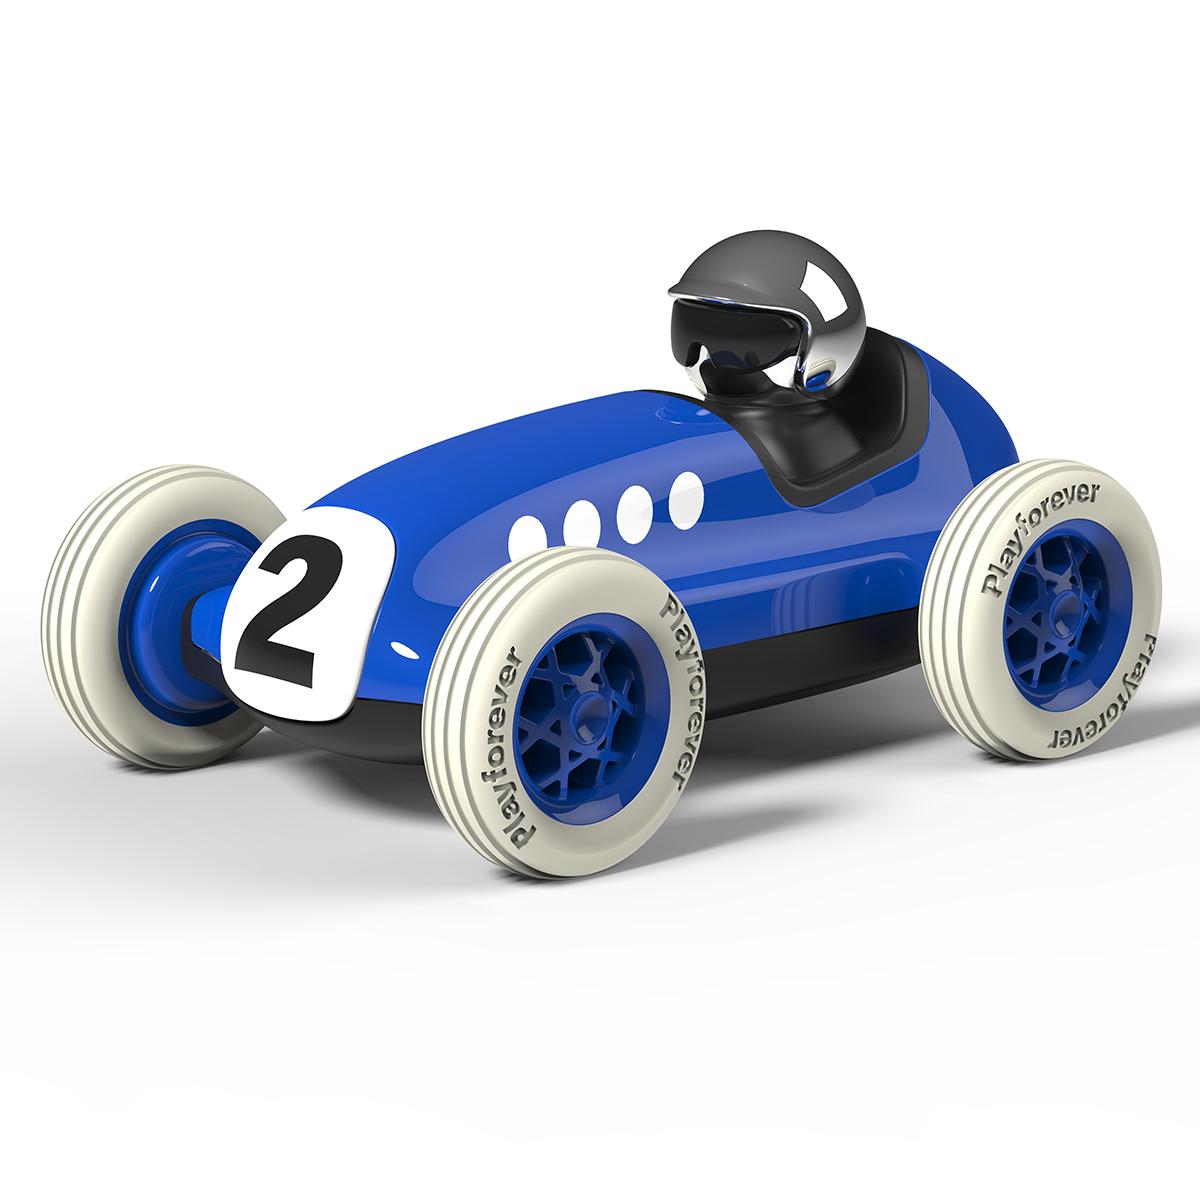 Mes premiers jouets Voiture Verve Loretino Monaco - Bleu Ciel Voiture Verve Loretino Monaco - Bleu Ciel